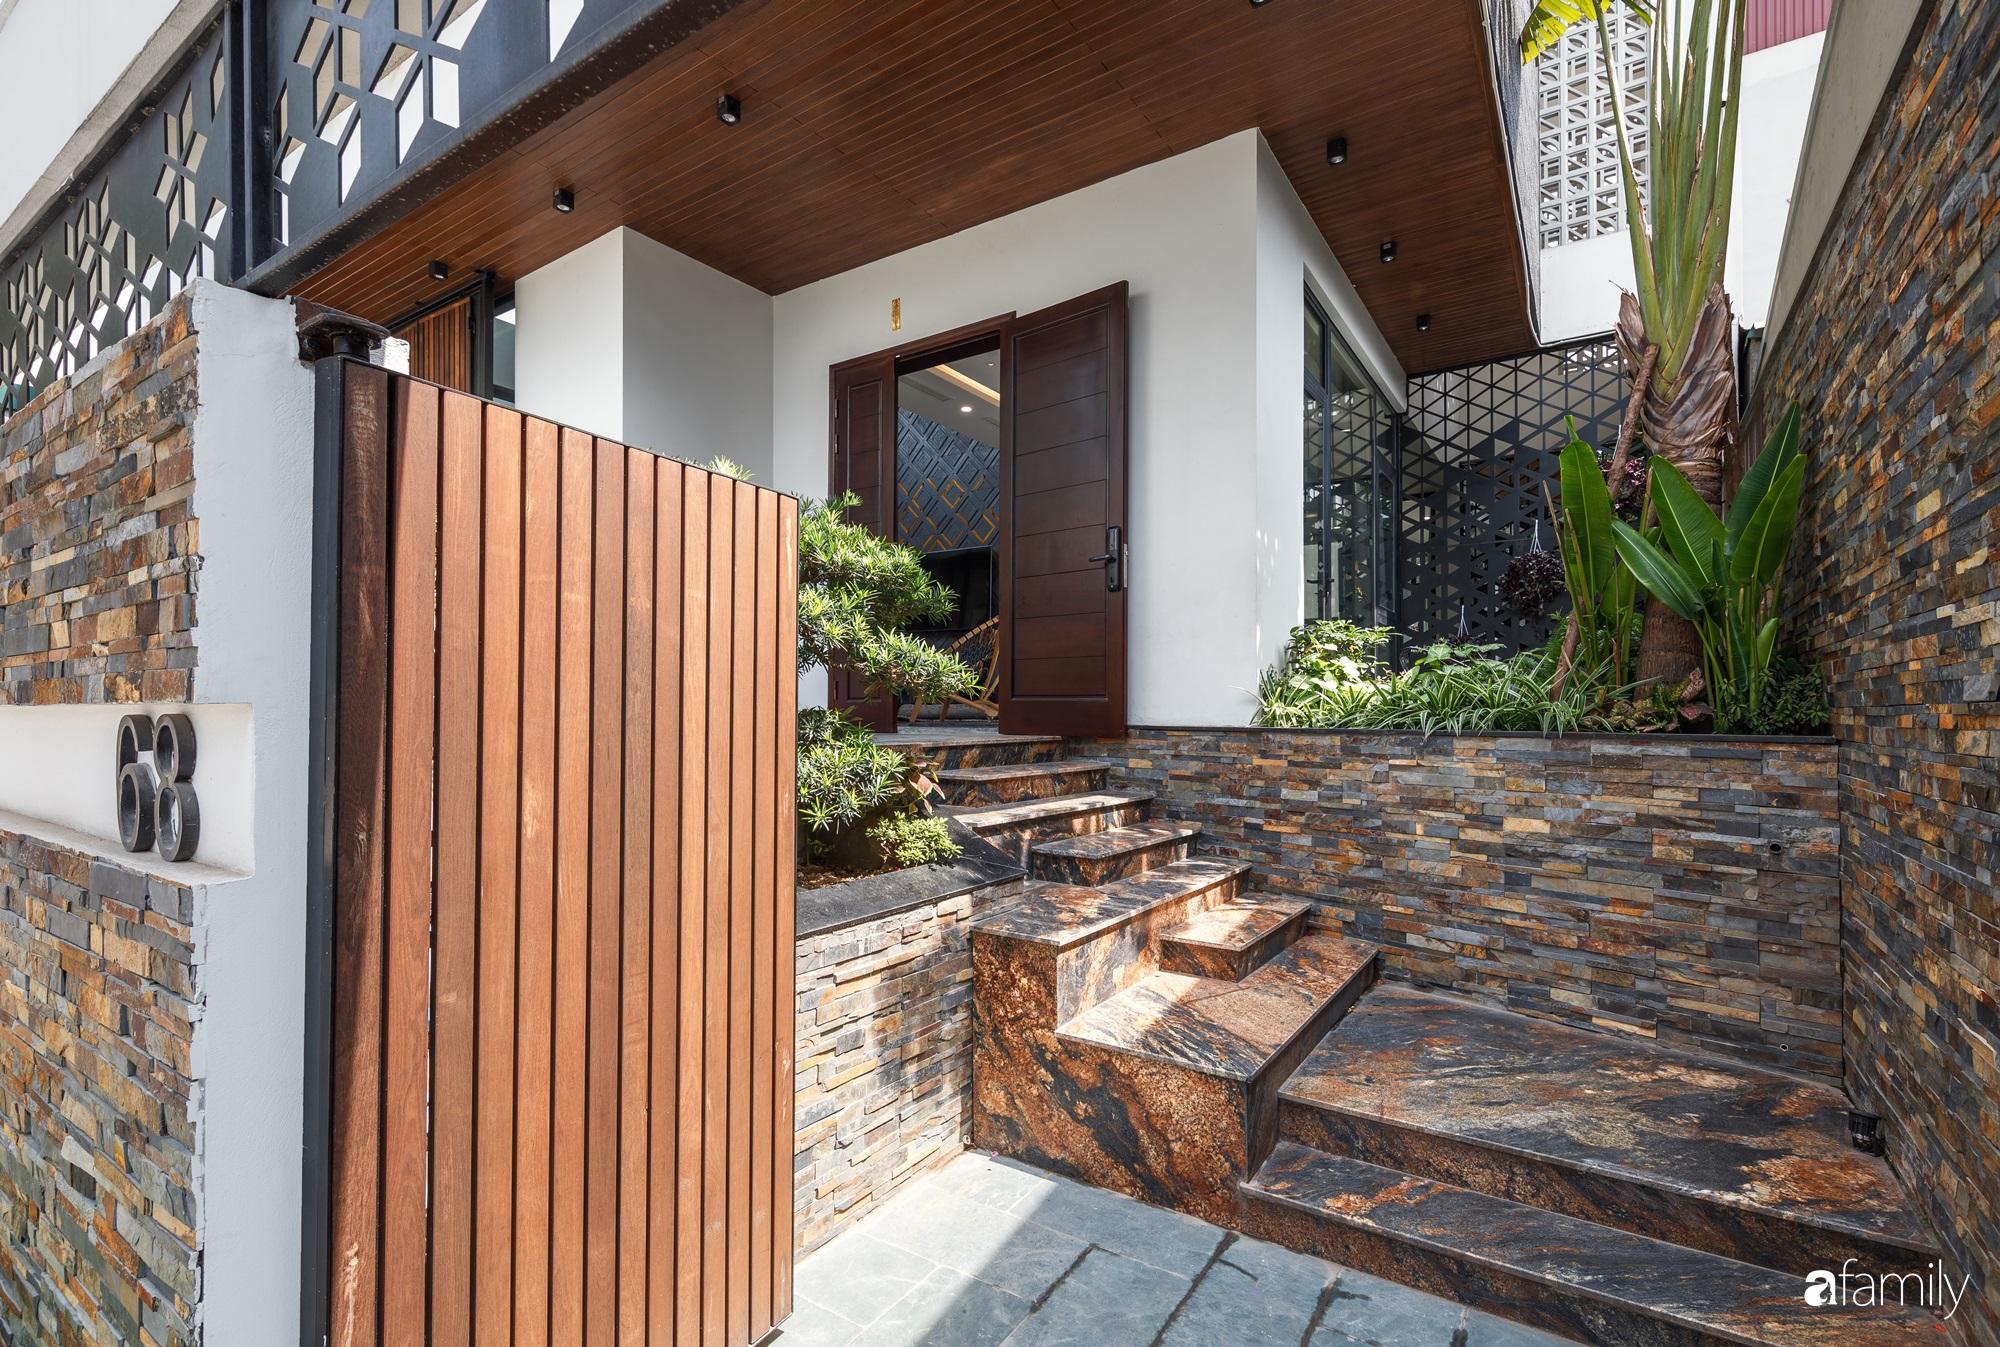 Biệt thự vườn phóng khoáng, hiện đại ở ngoại thành Hà Nội - Ảnh 5.